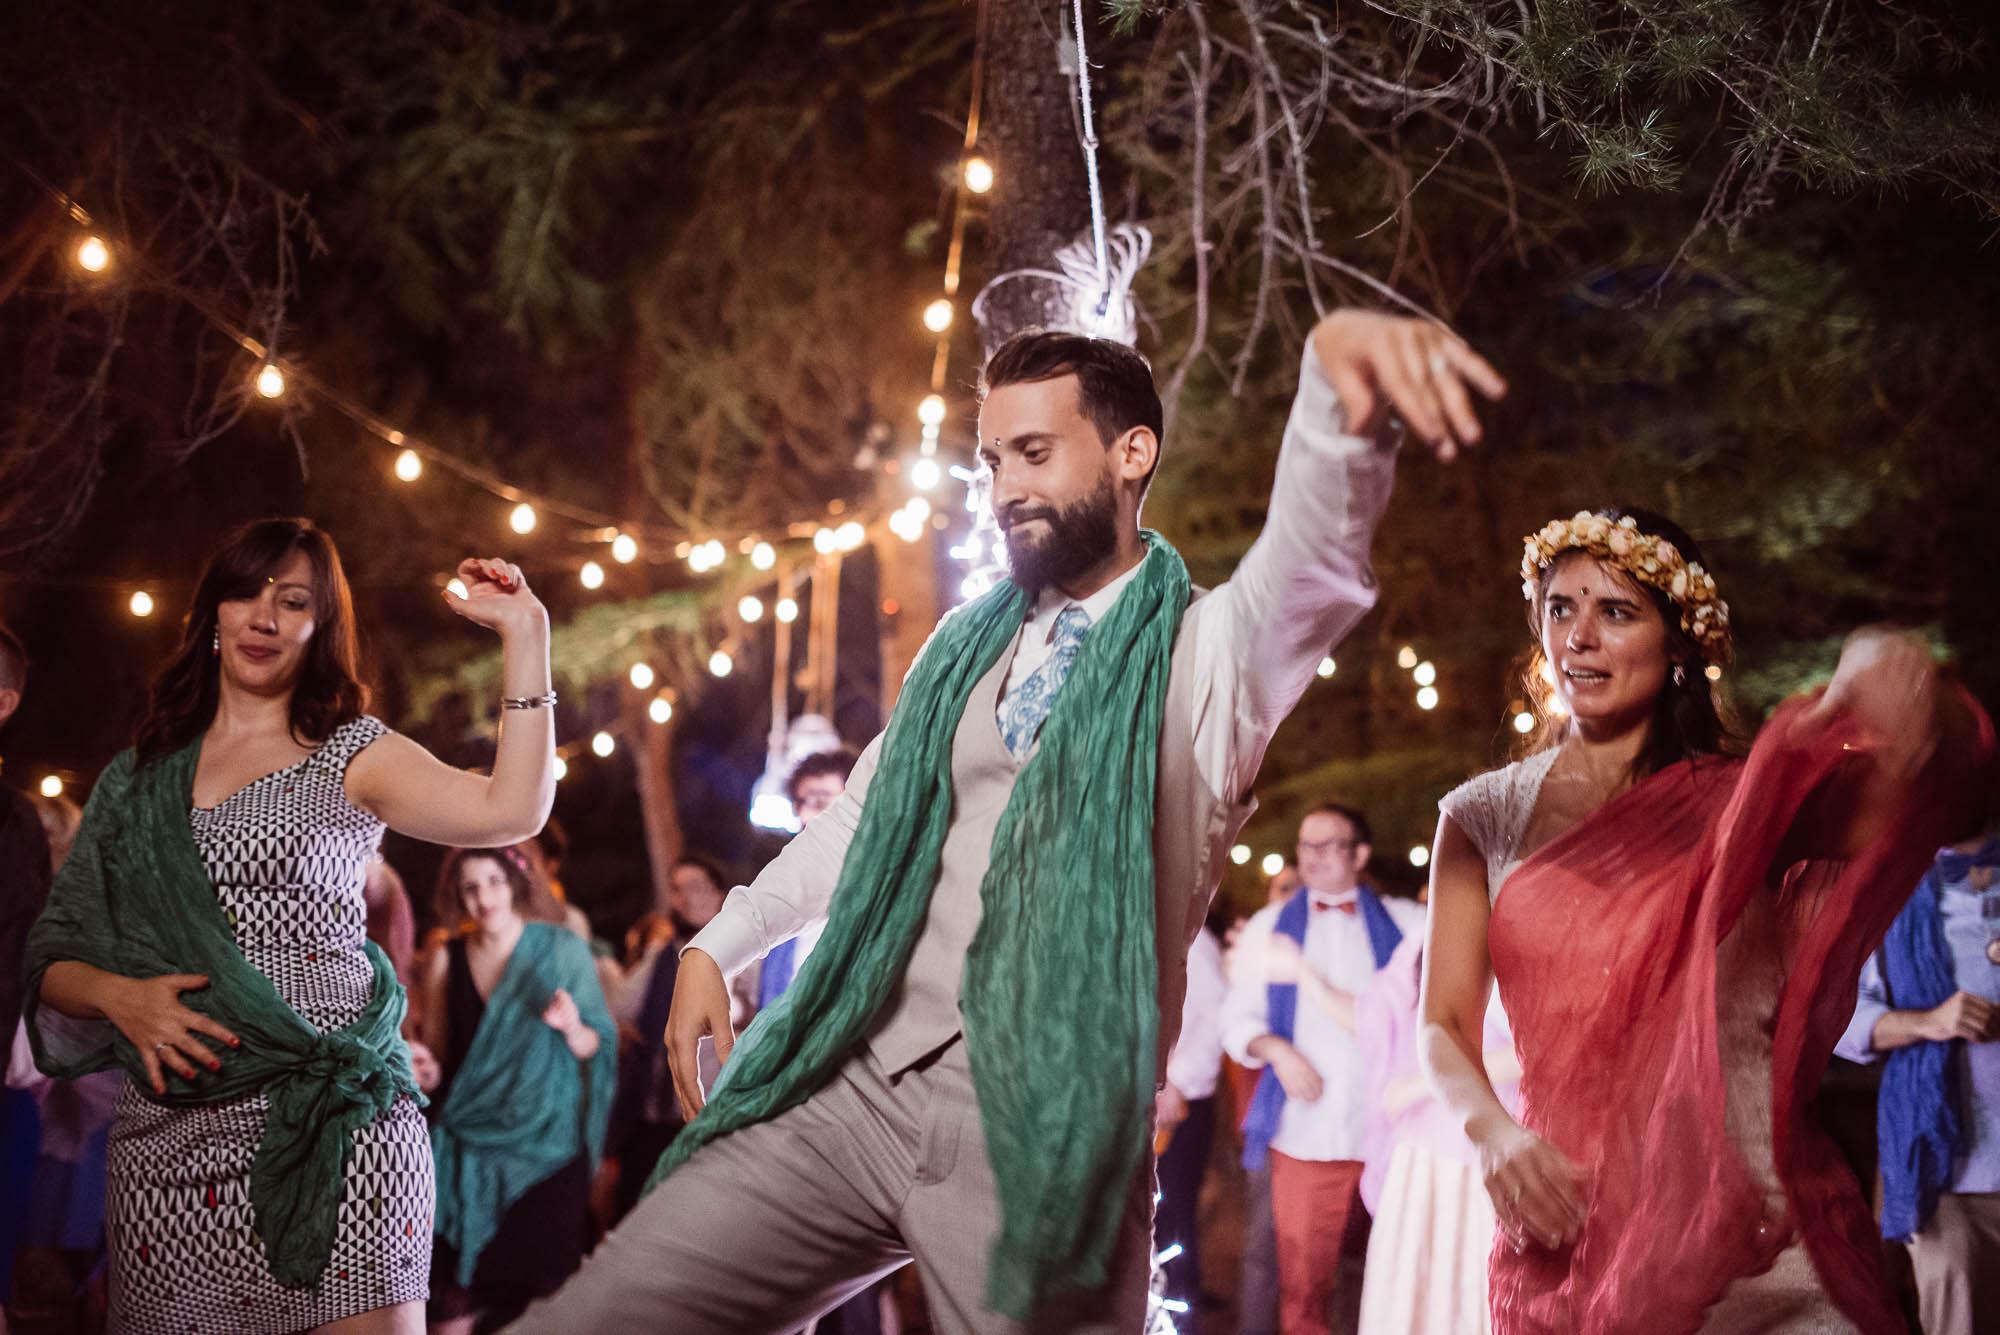 Los novios hacen un baile exótico en la fiesta  por la noche